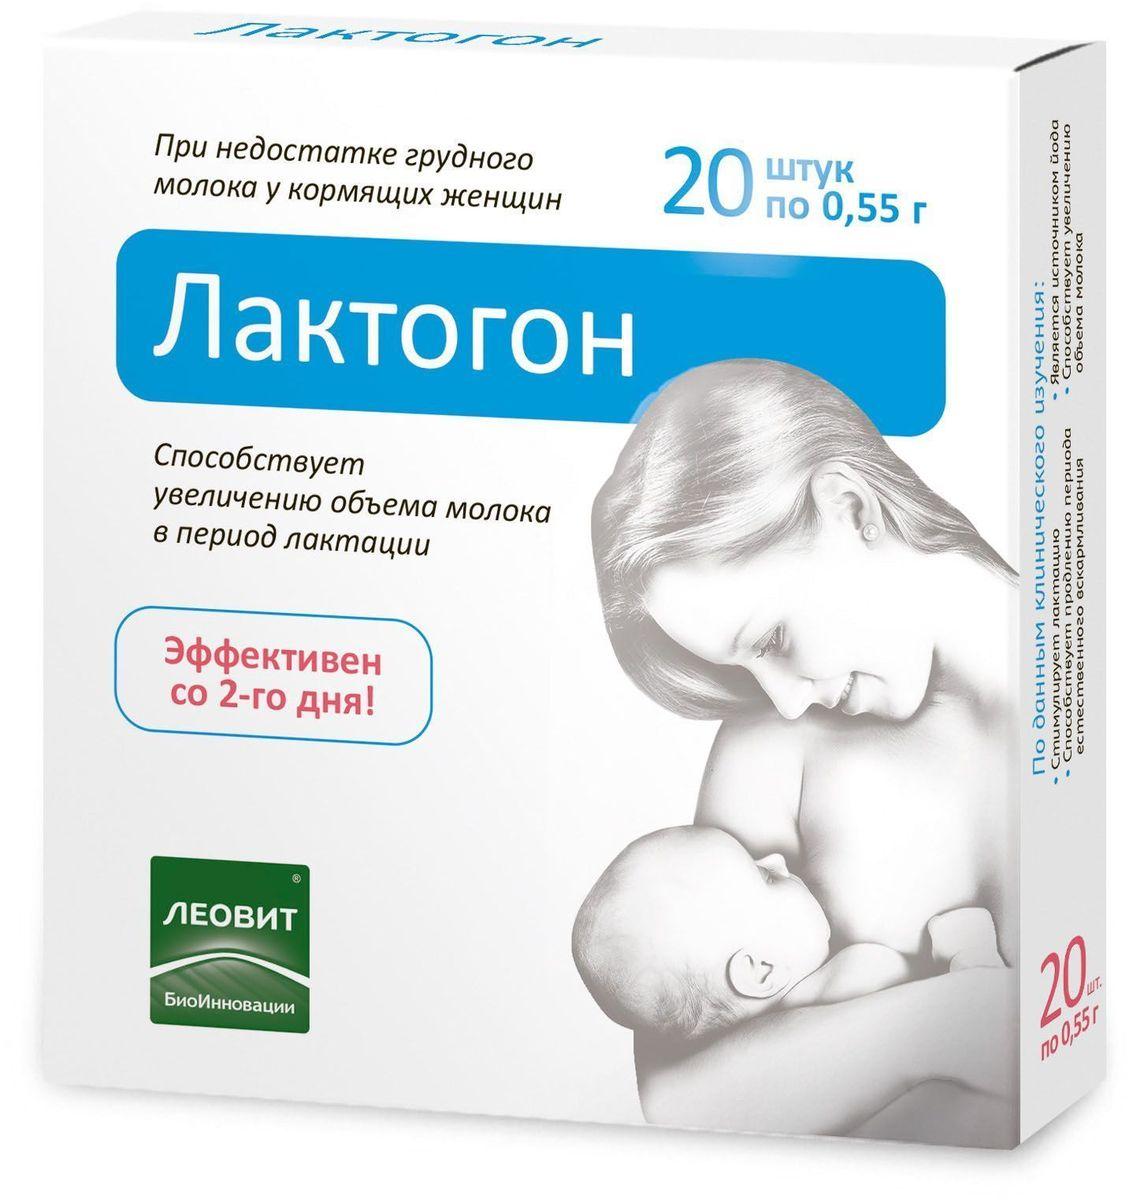 БиоИнновации Лактогон БАД к пище 20 таблеток, 11 г111311Способствует увеличению объема молока при недостаточной лактации у кормящих женщин. Источник йода. Эффективен со 2 дня!